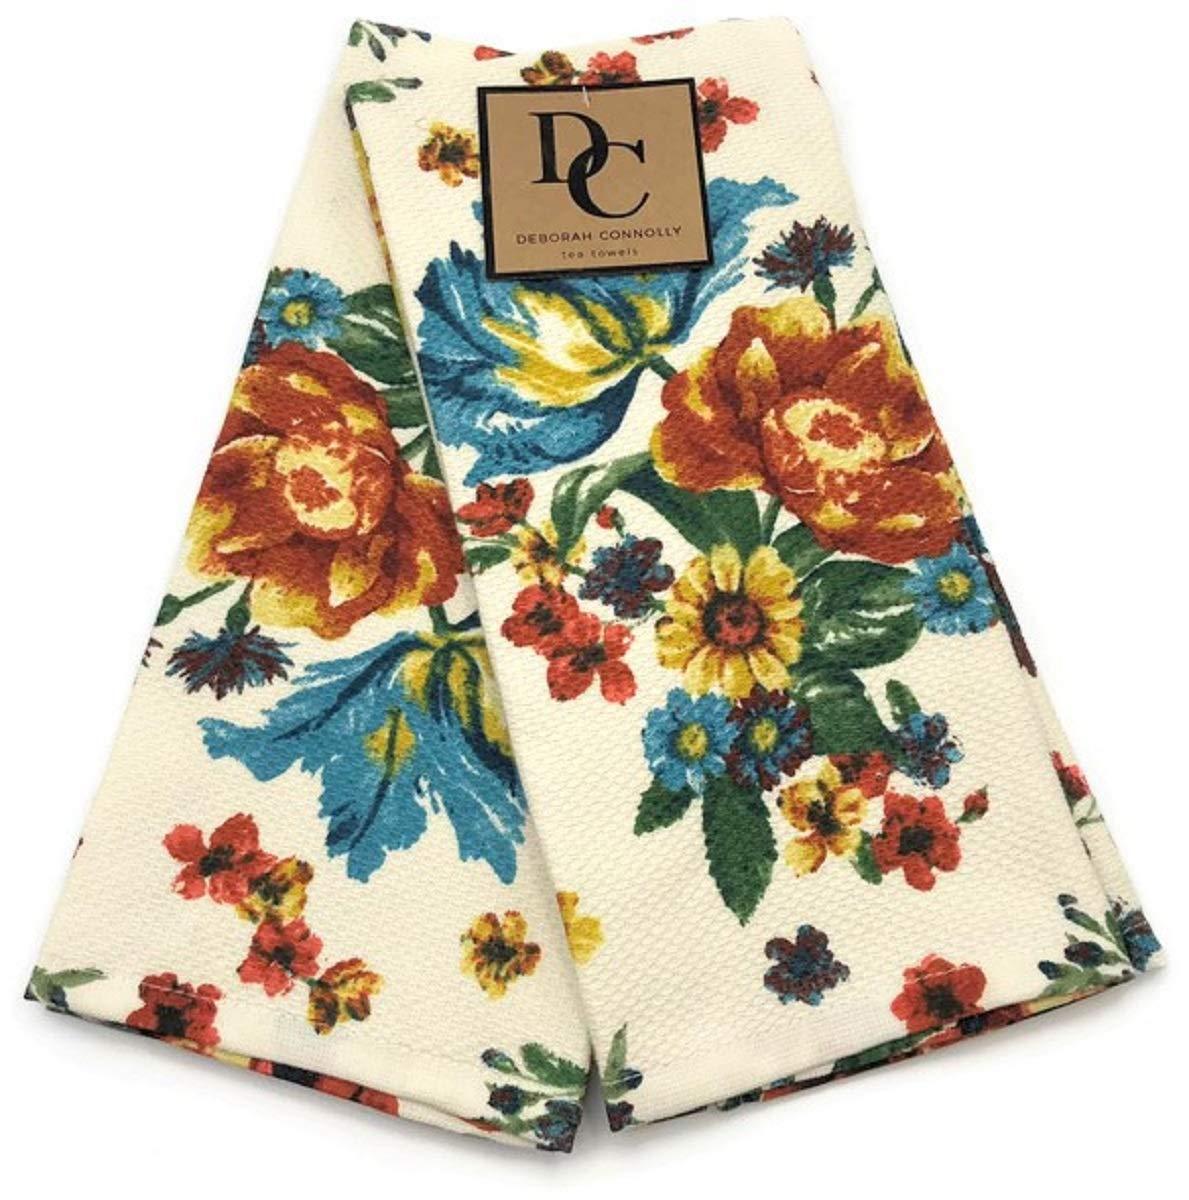 Deborah Connolly Autumn Copper & Teal Floral Kitchen Towel Set